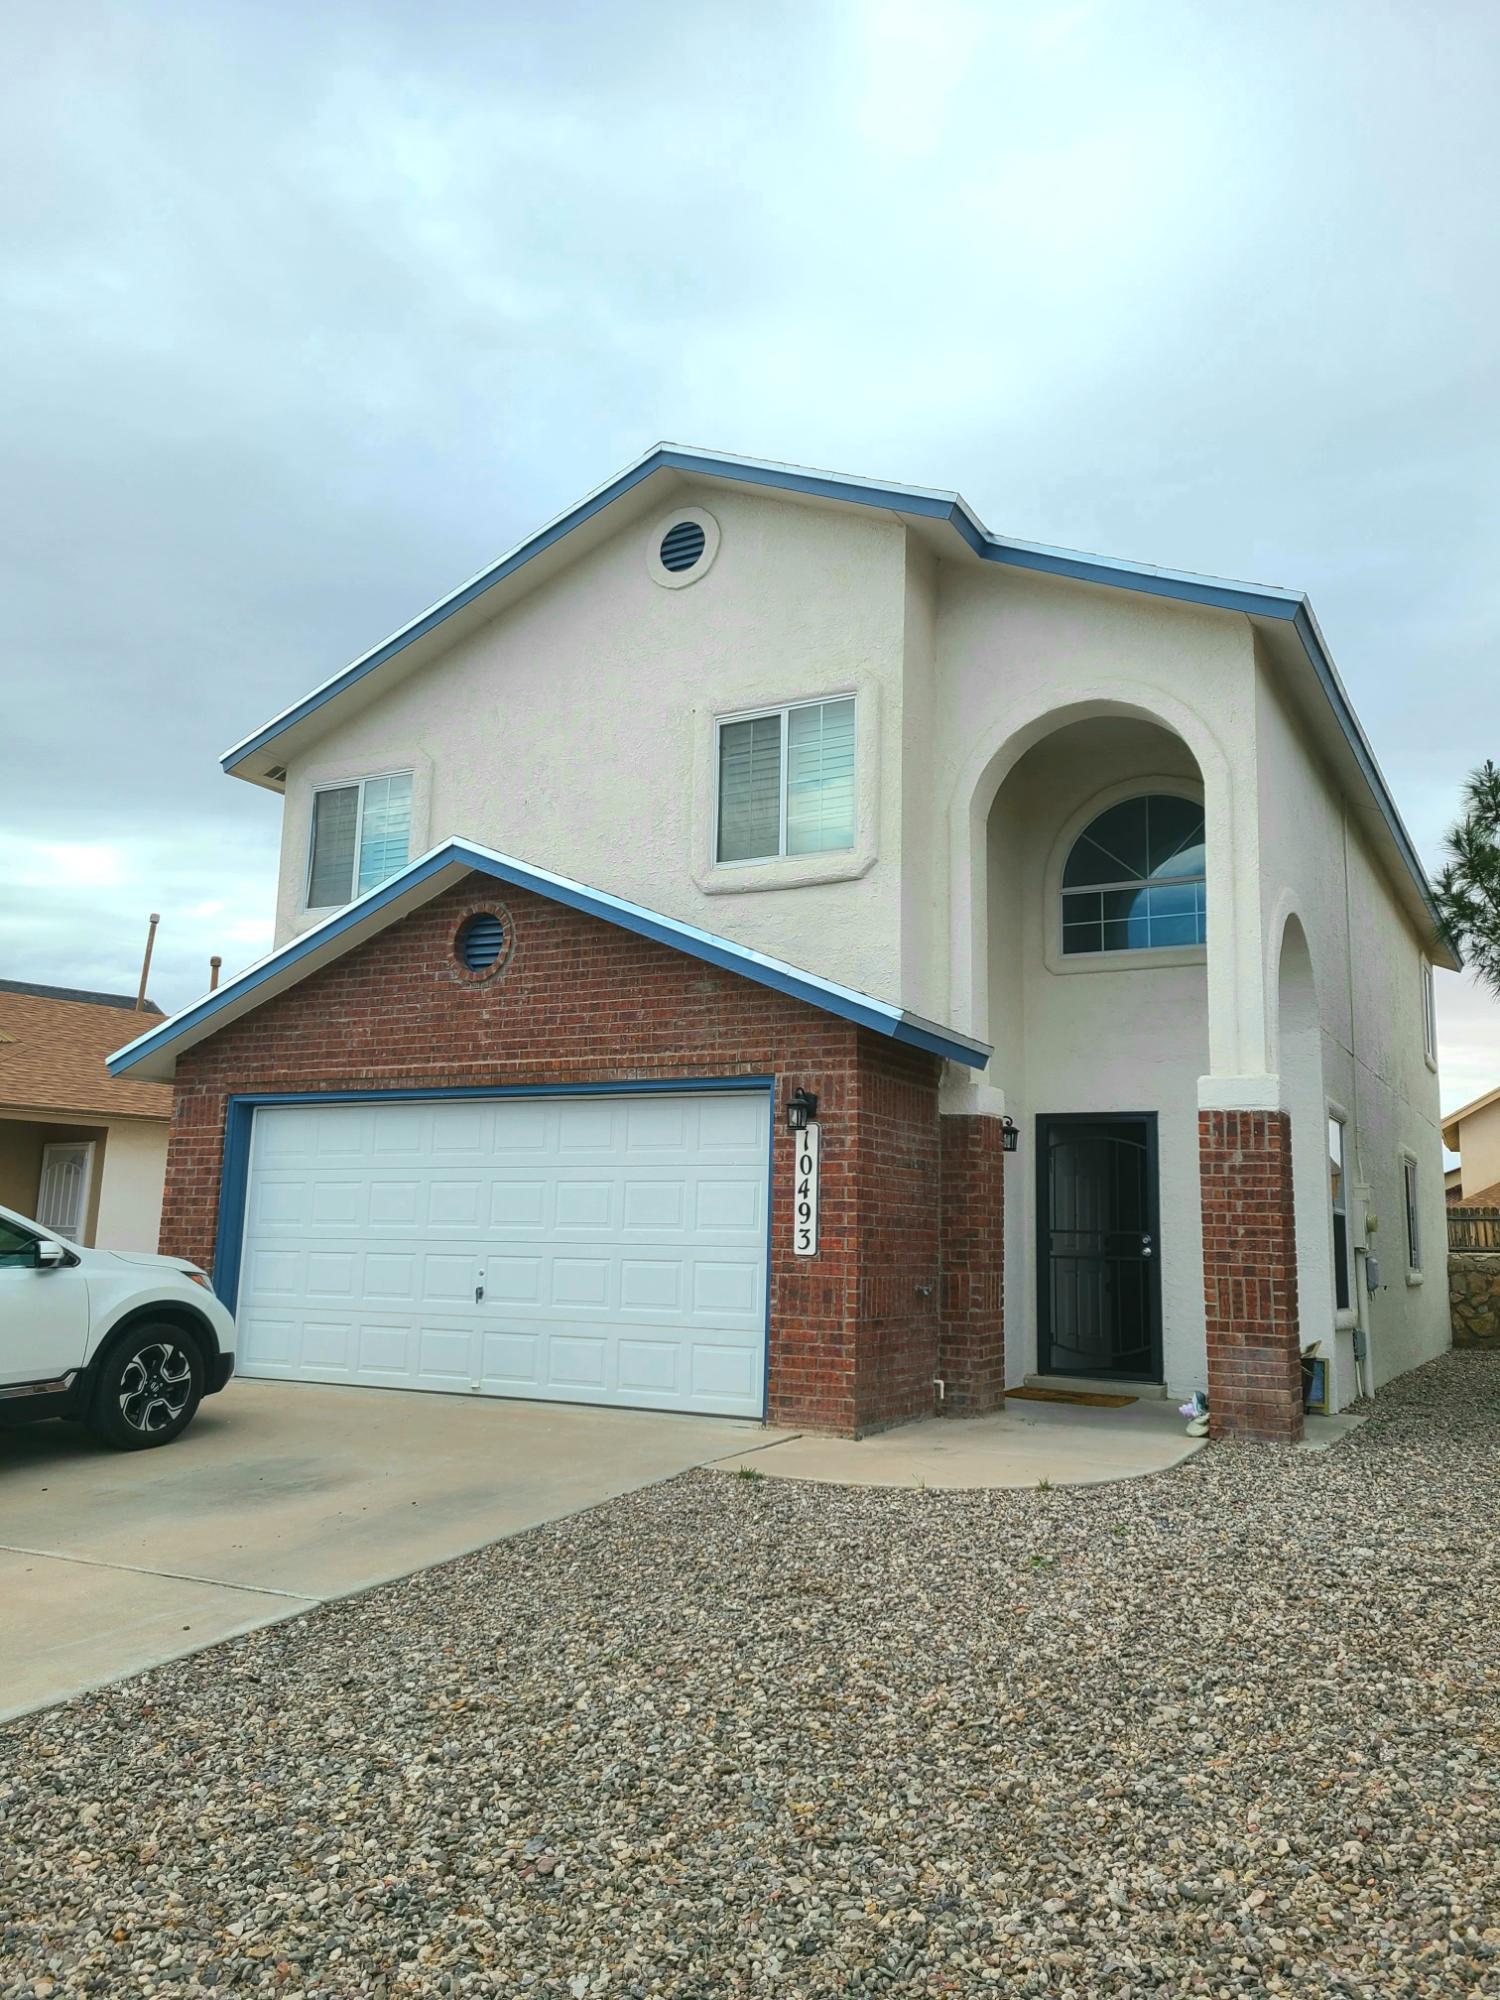 10493 VALLE DEL MAR, Socorro, Texas 79927, 4 Bedrooms Bedrooms, ,3 BathroomsBathrooms,Residential,For sale,VALLE DEL MAR,844300